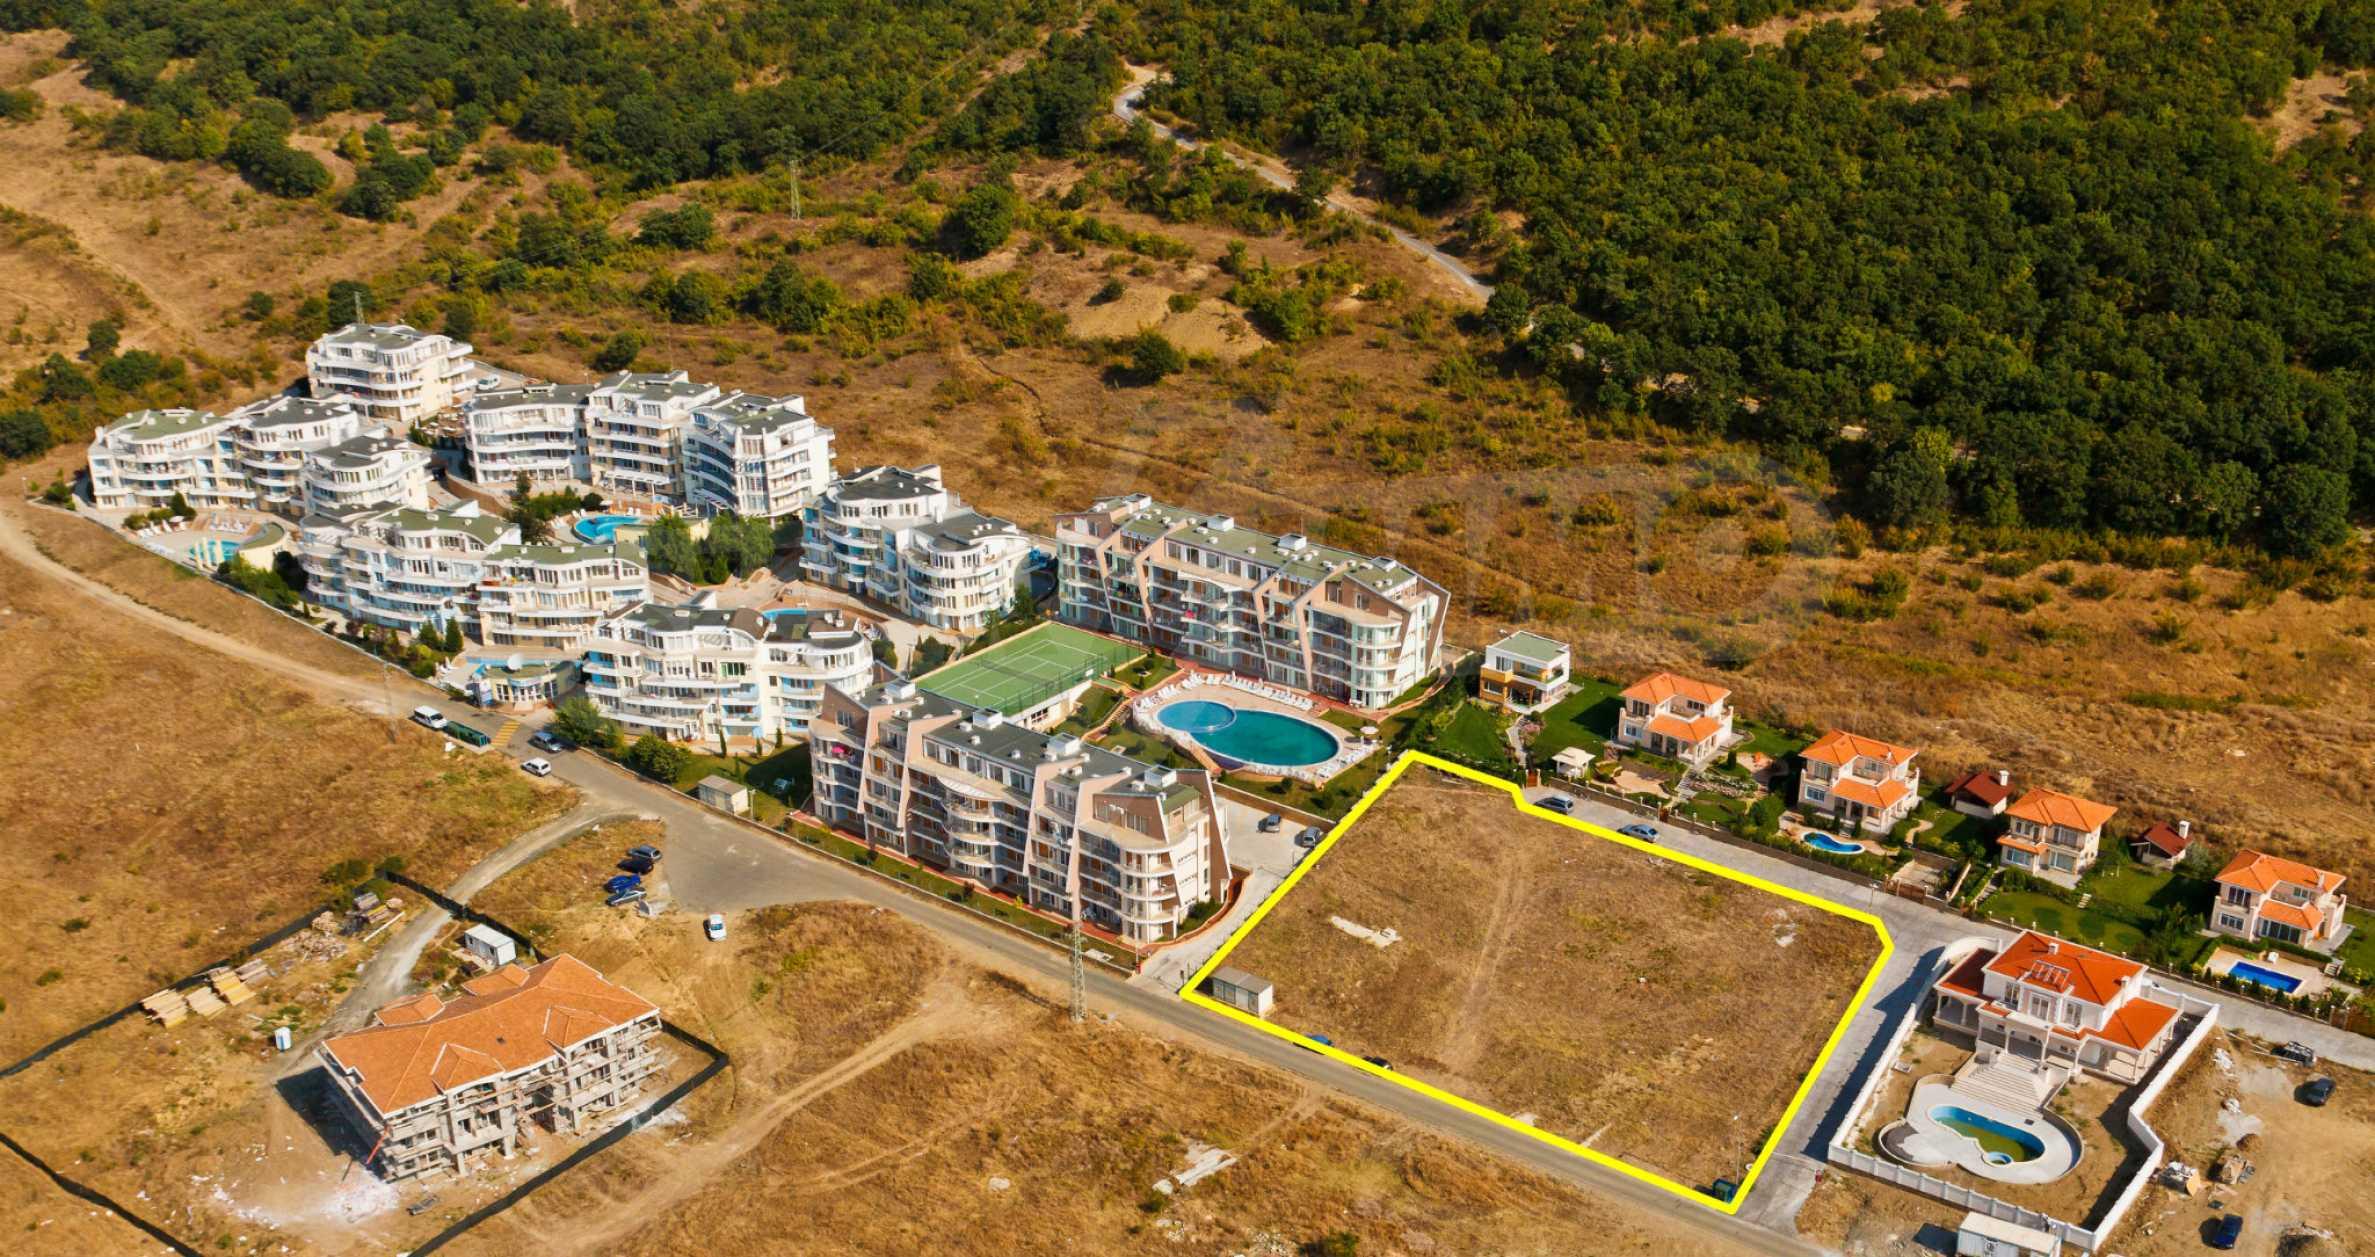 Erschlossene Grundstücke in der luxuriösen Villa-Siedlung SUNSET VILLAS 5